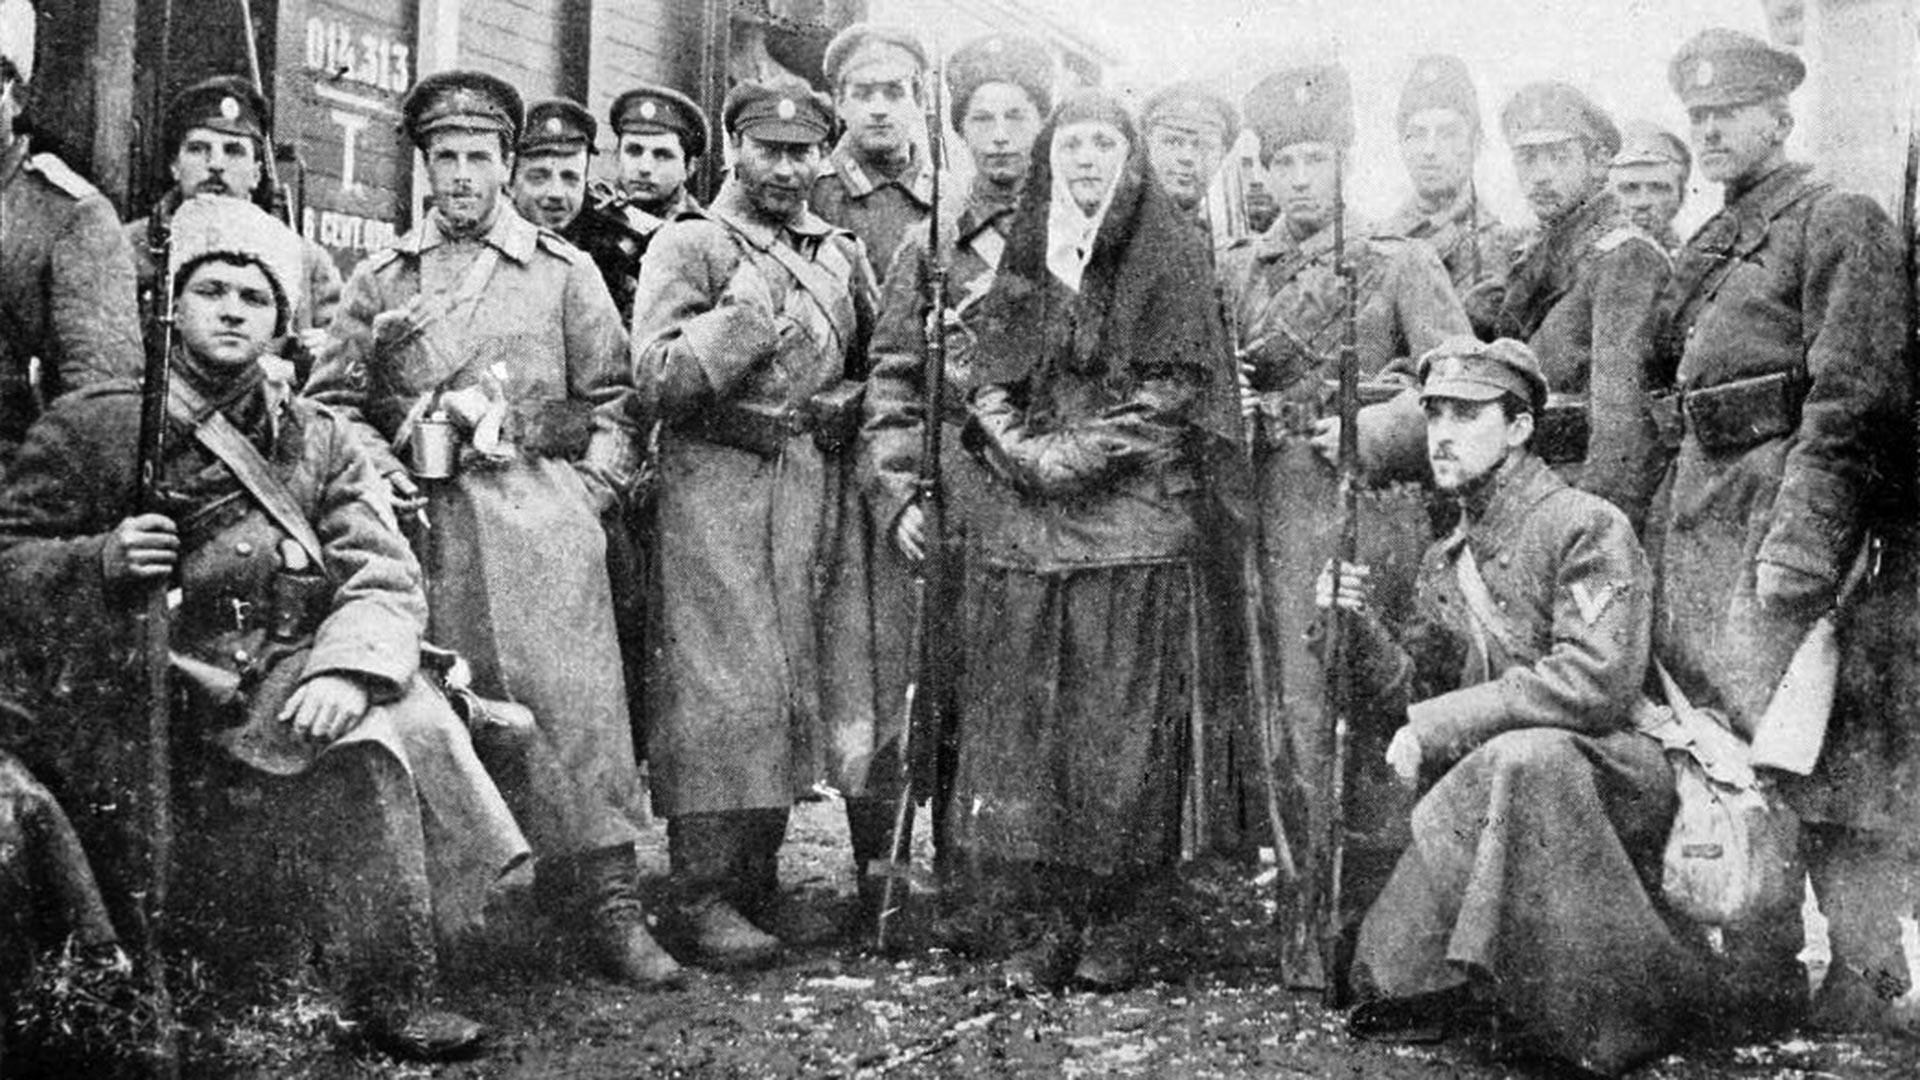 L'Armée des volontaires